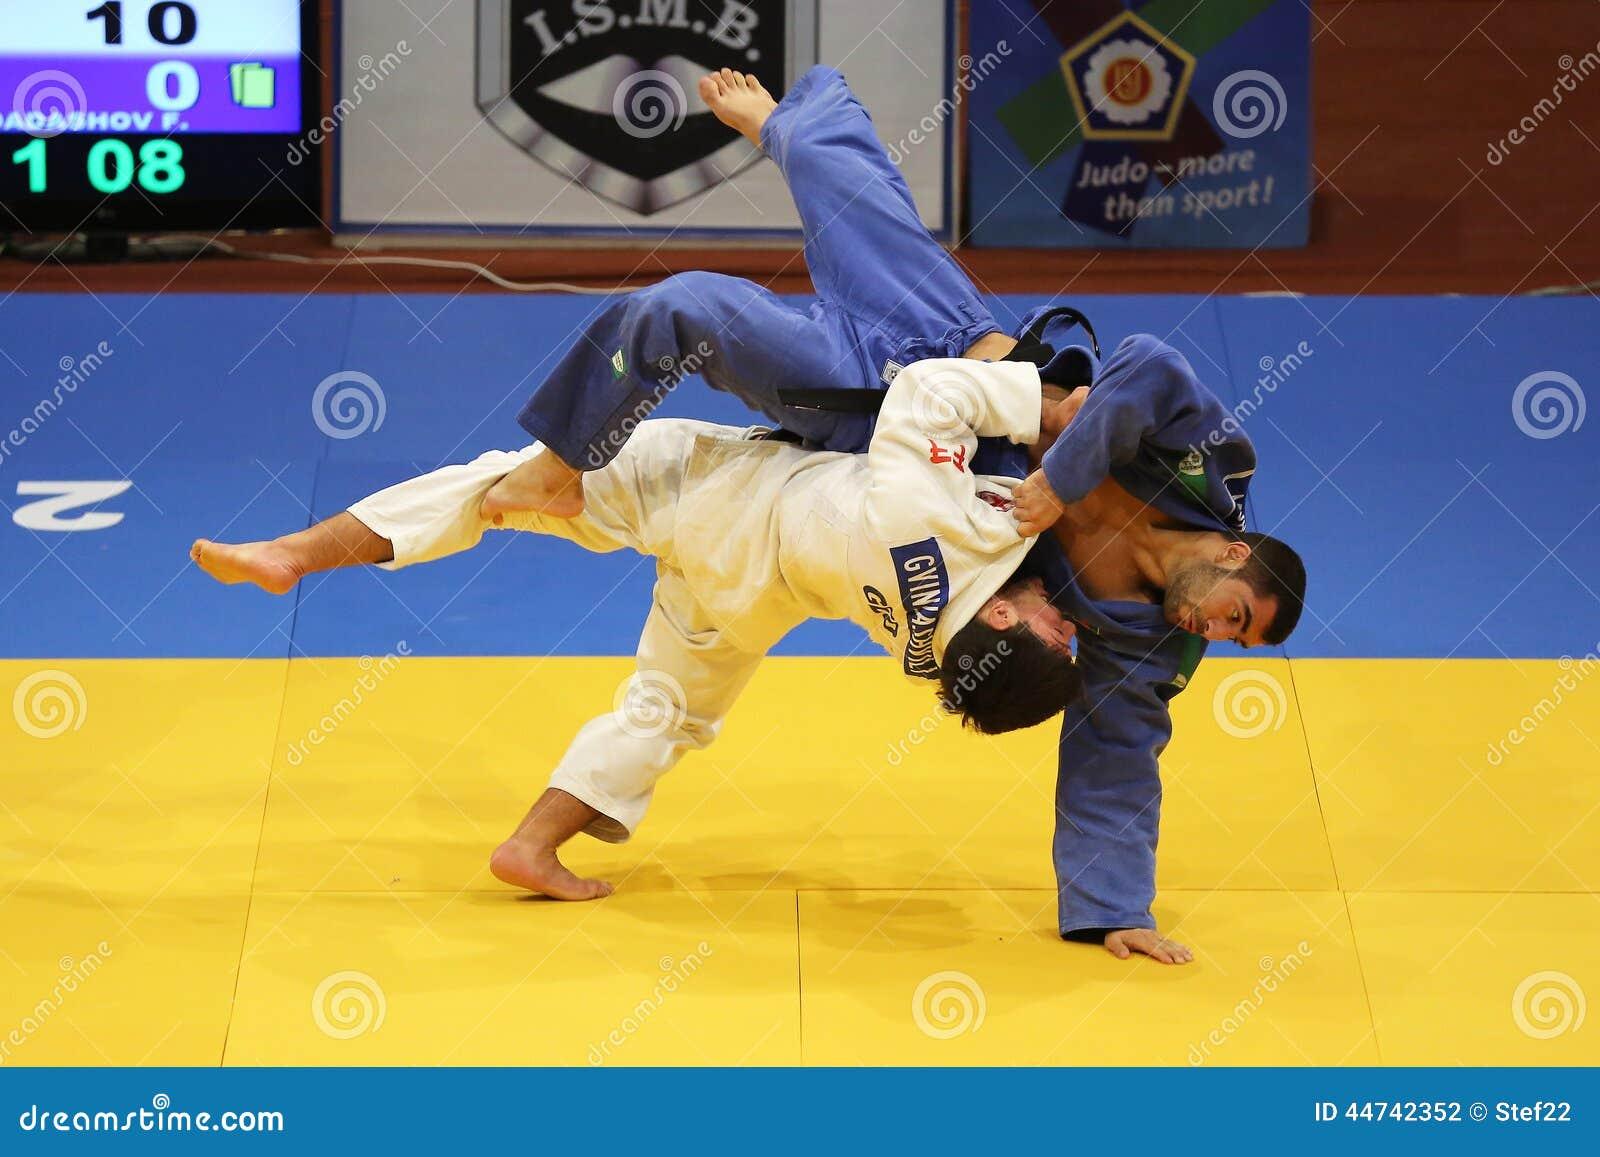 Judo action